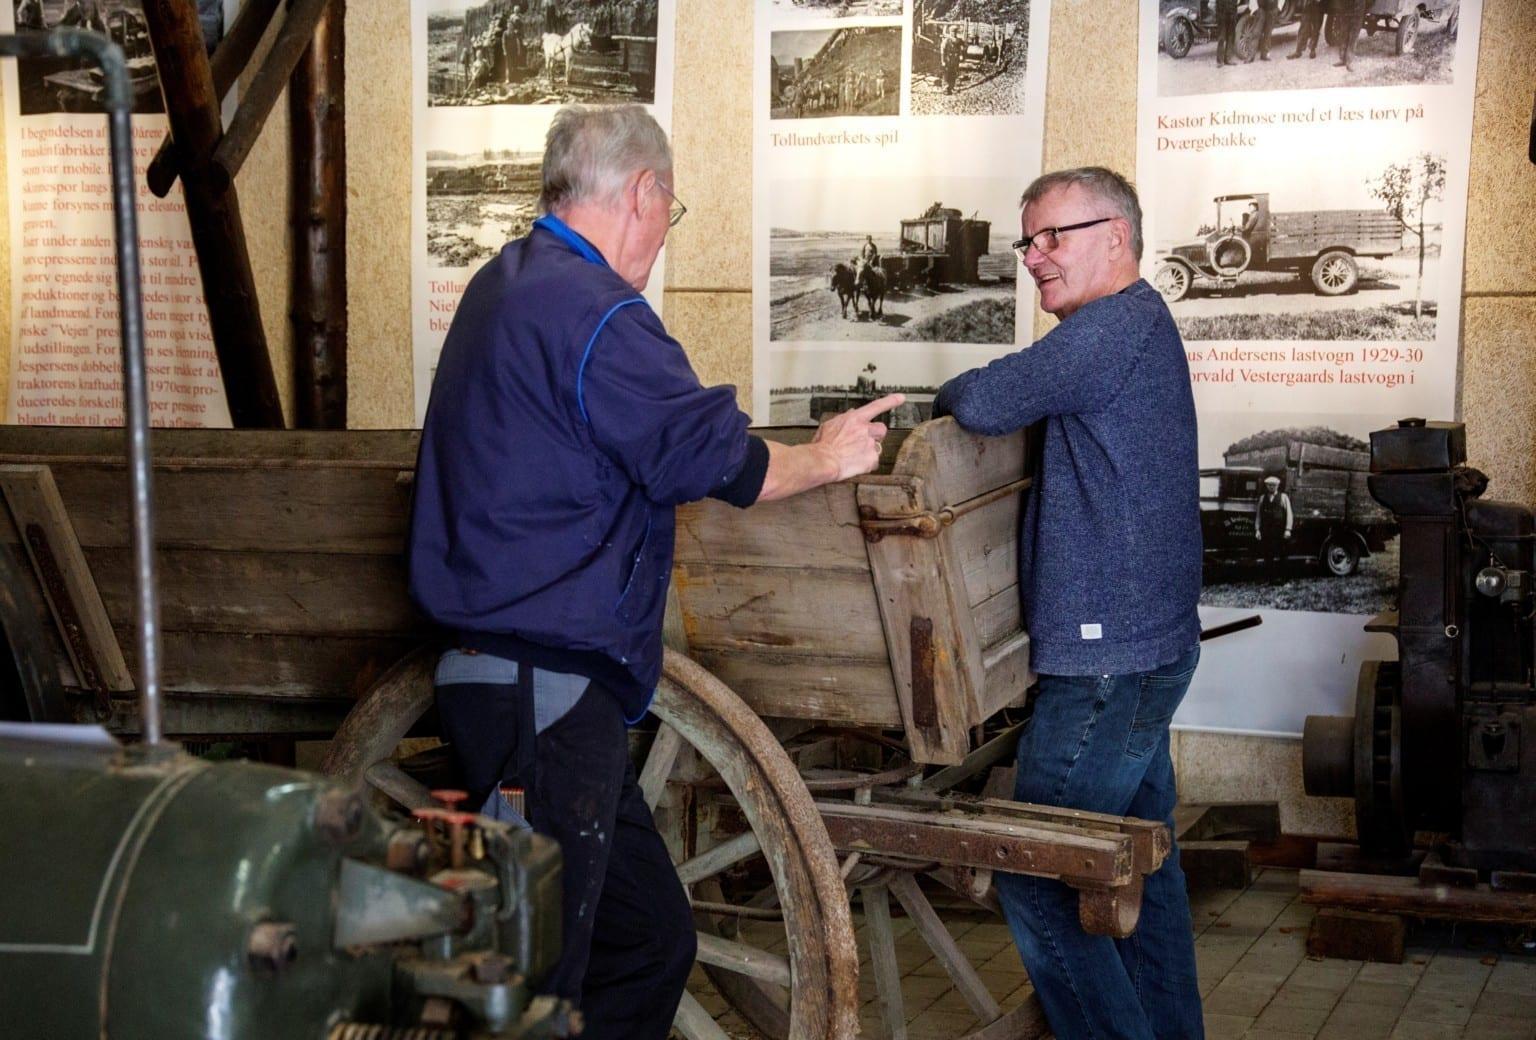 Tørveeventyret - Udstillingsåbning på Klosterlund Museum